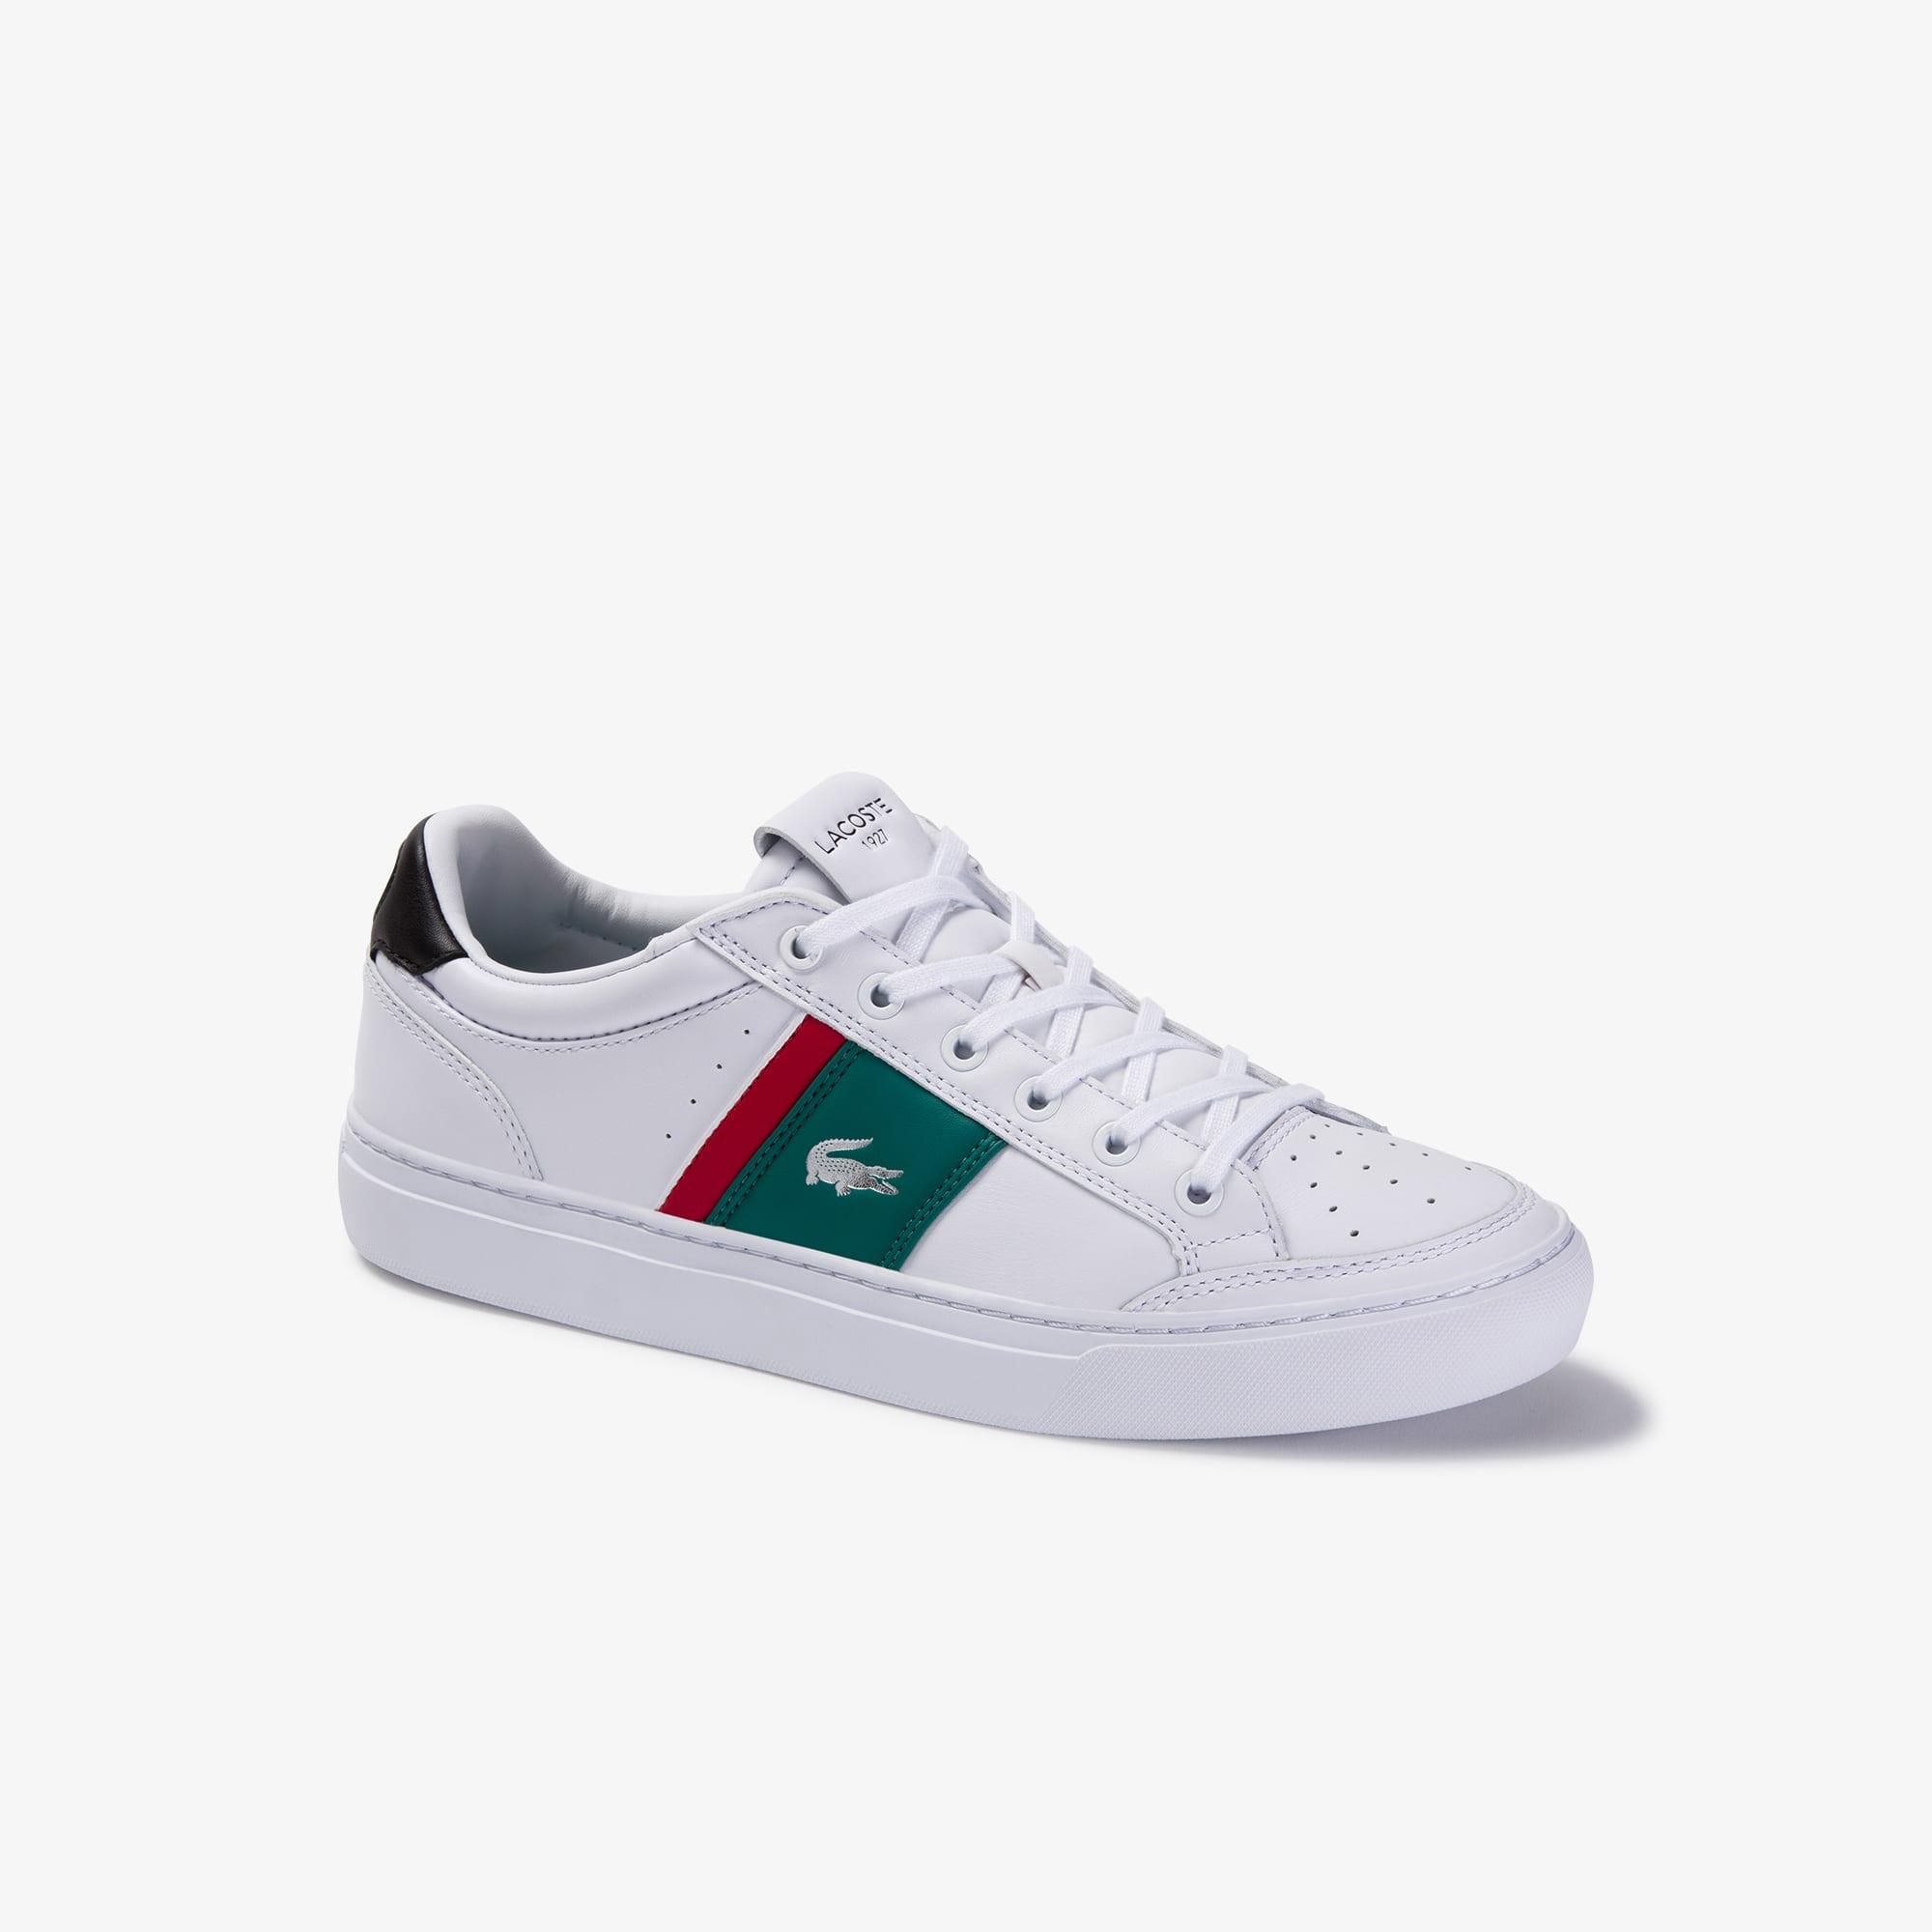 lacoste shoes pakistan - 53% OFF